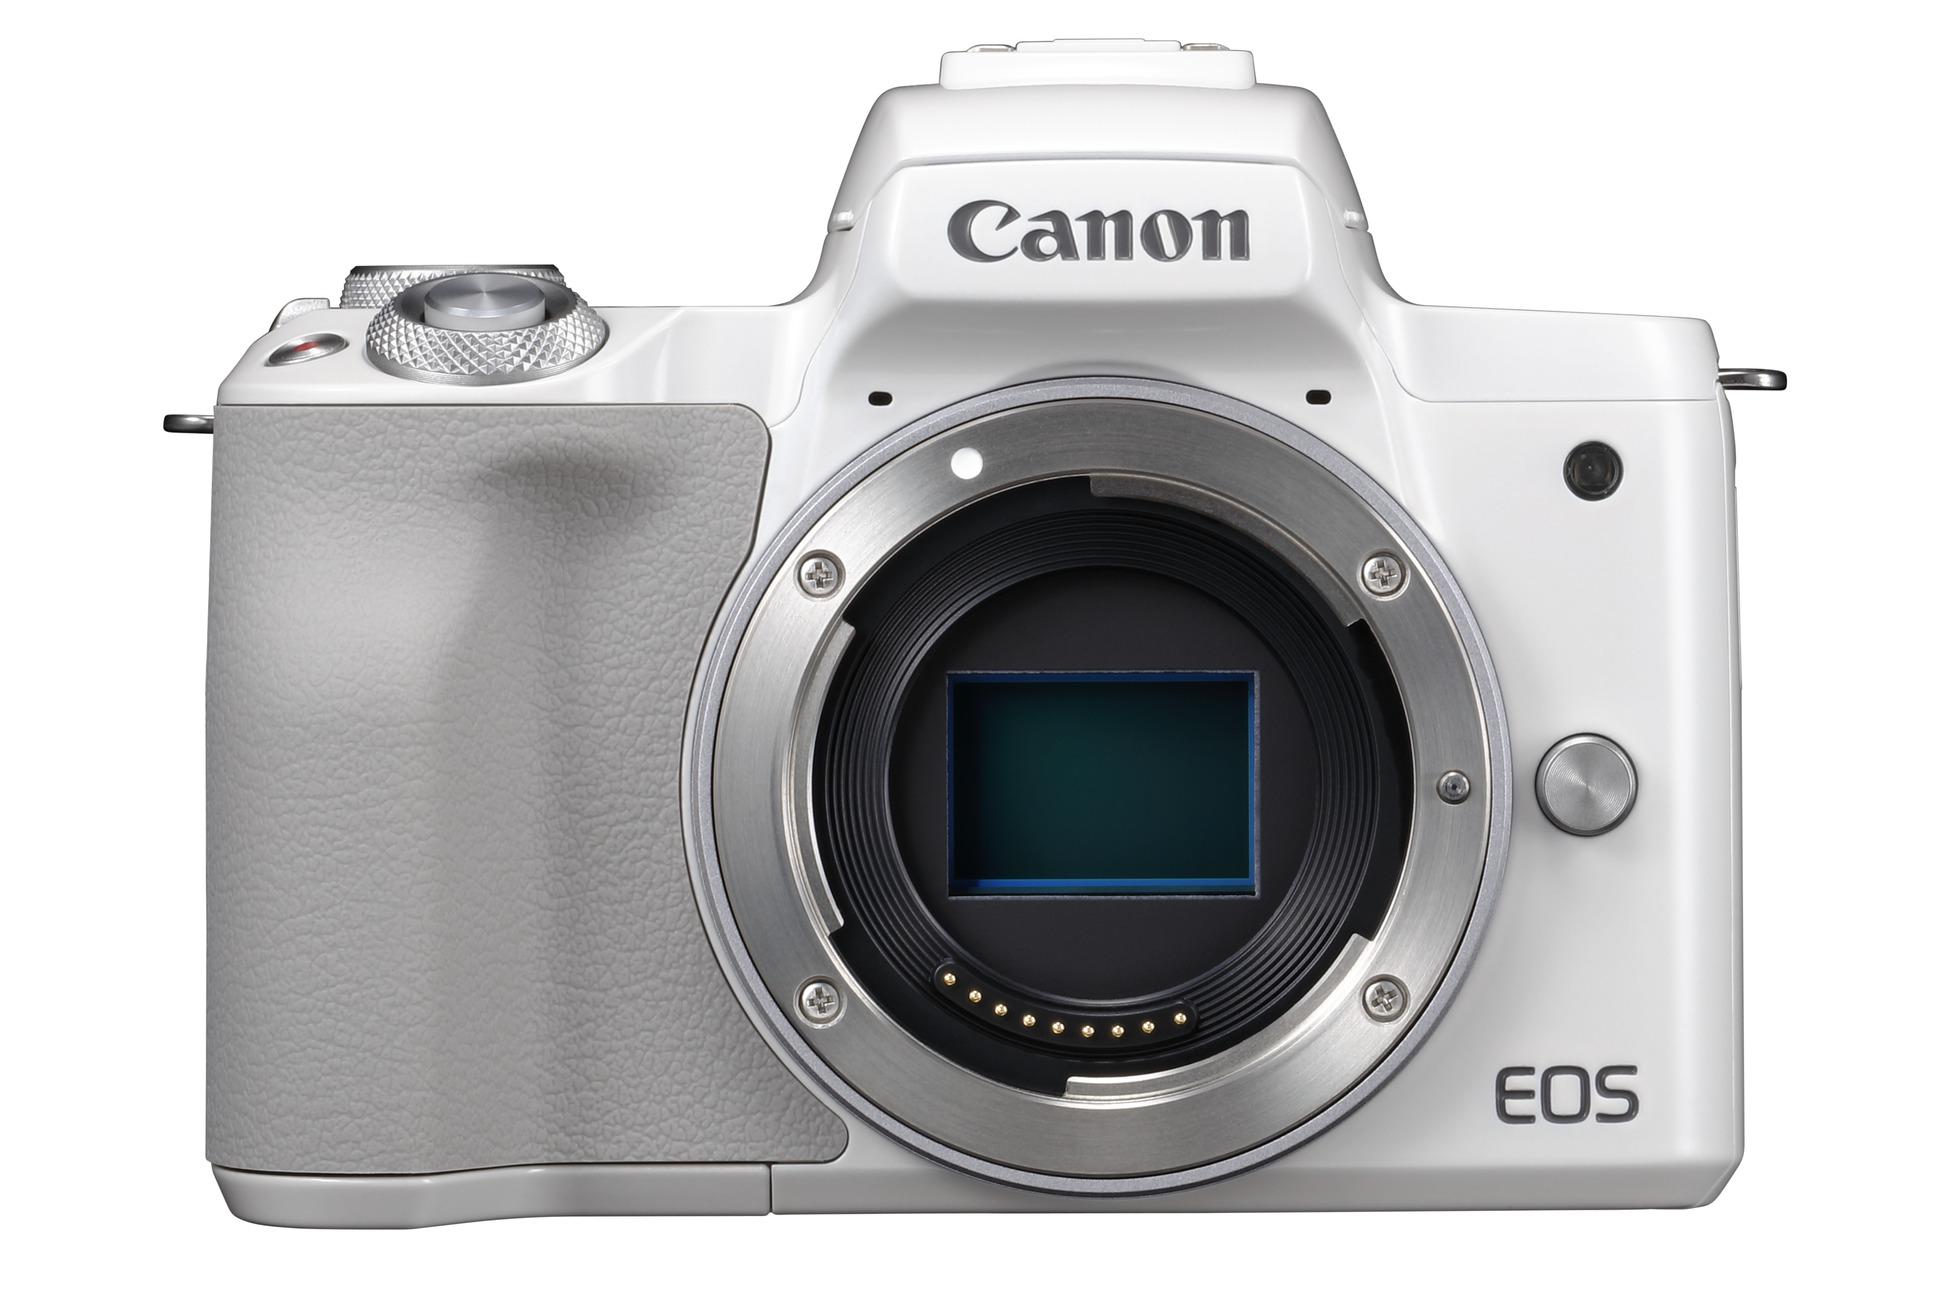 Nová bezzrcadlovka EOS M50 nabídne rozlišení 4K i možnost použití široké škály objektivů Canon